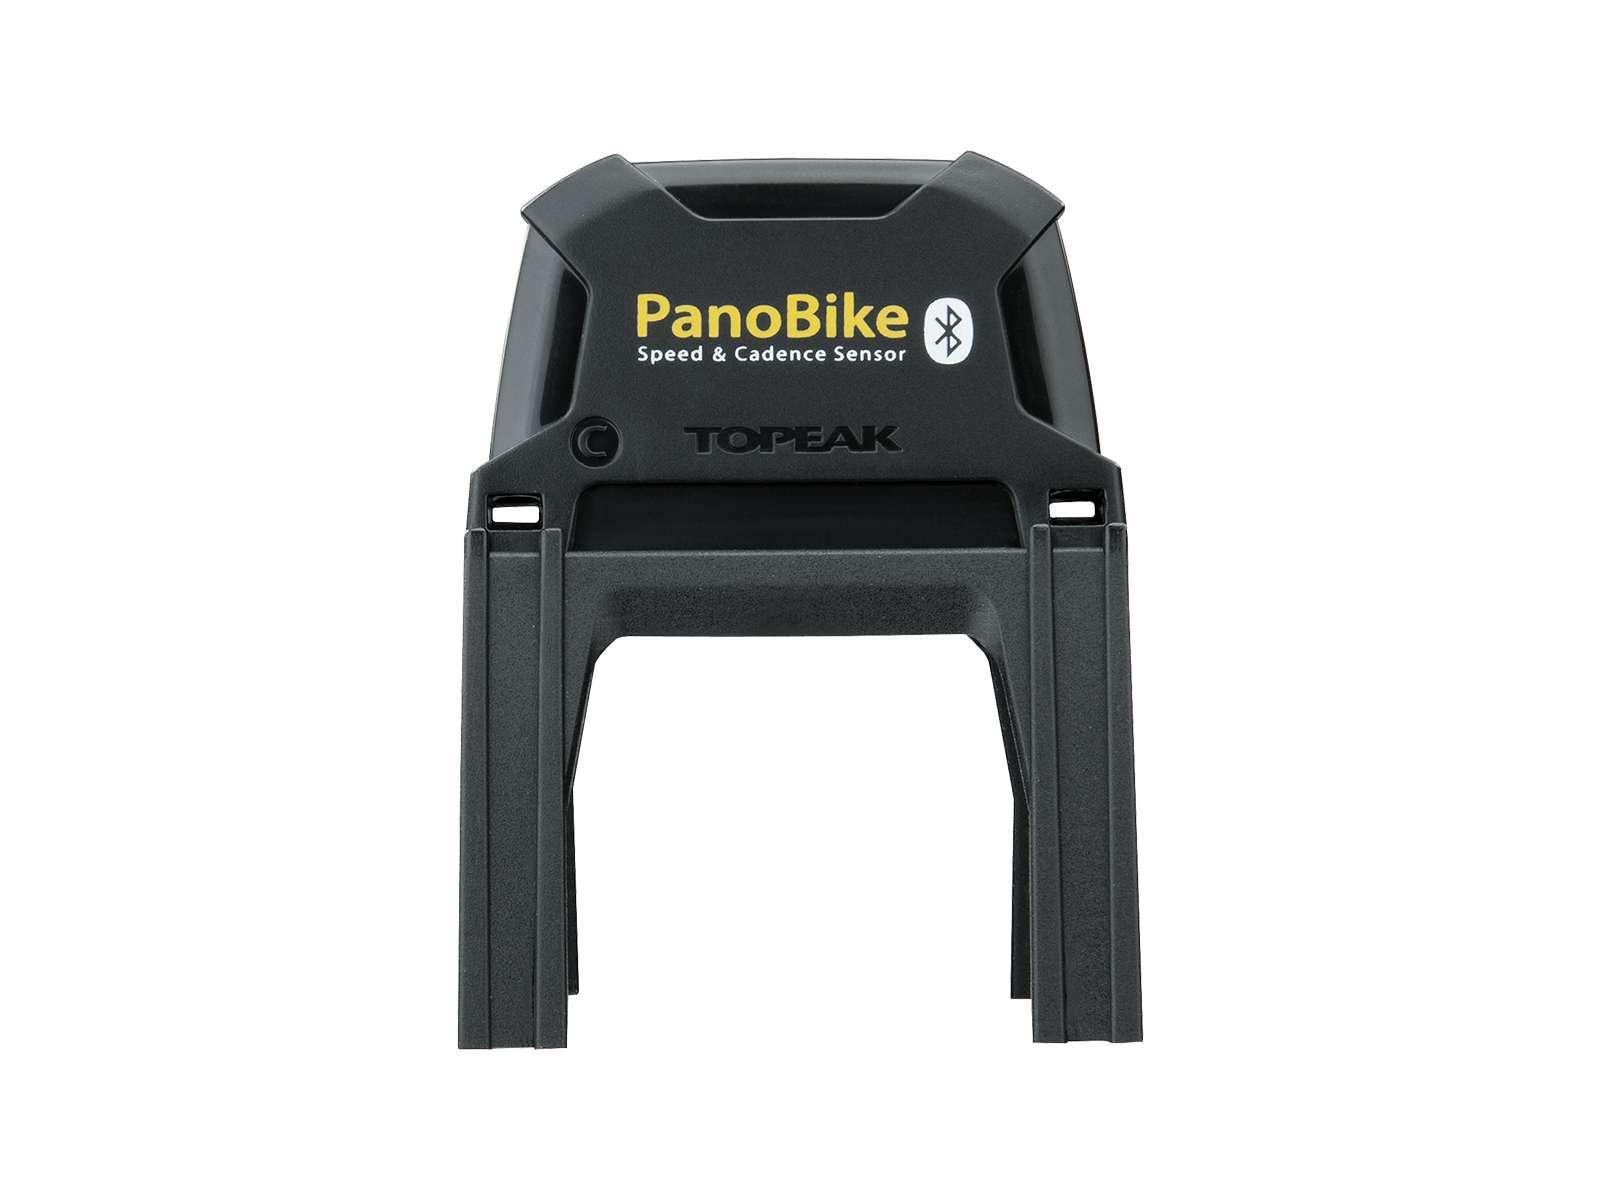 Topeak Sensor PanoBike Speed & Cadence